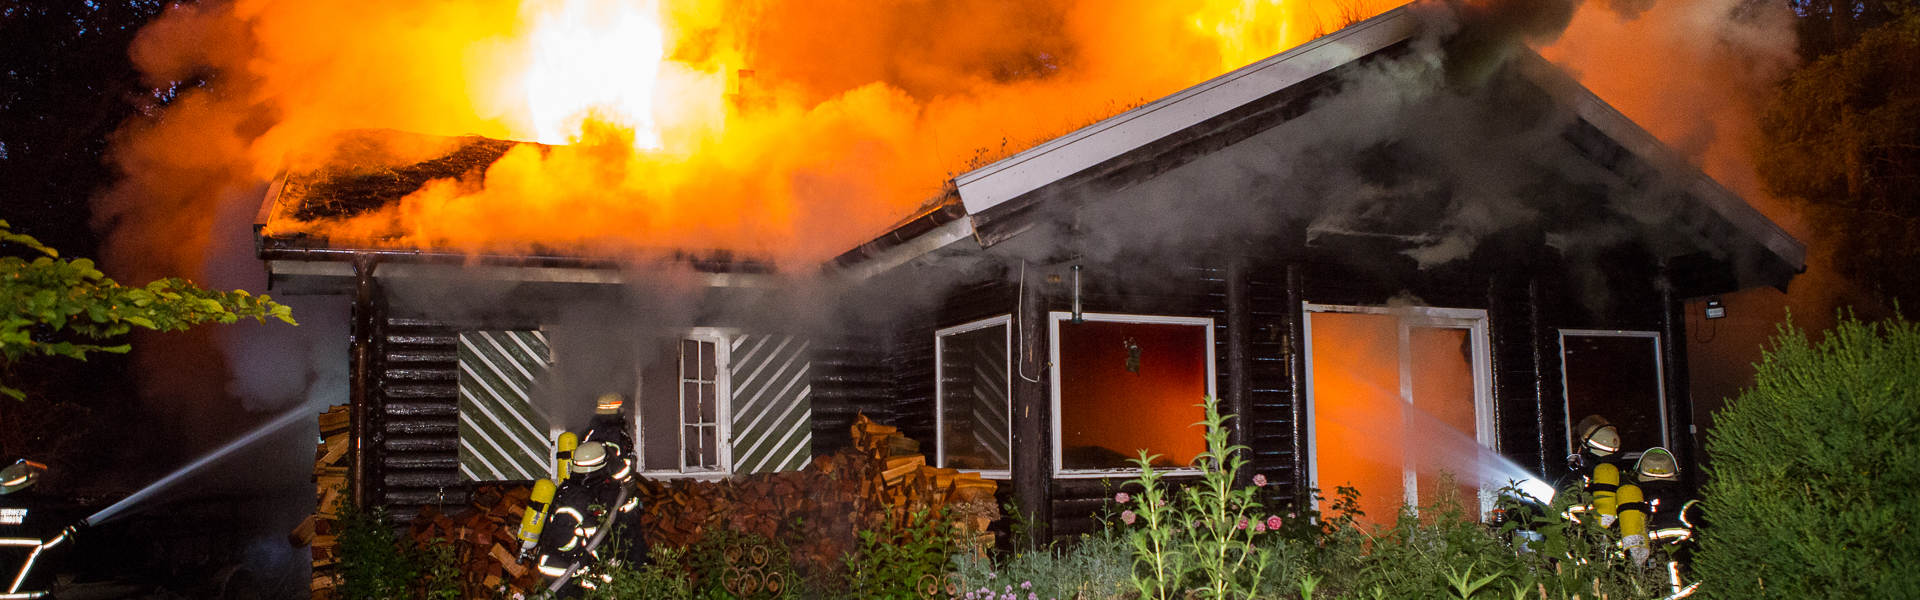 01.06.2018 – Feuer zerstört Villa der Ratiopharm-Schwestern